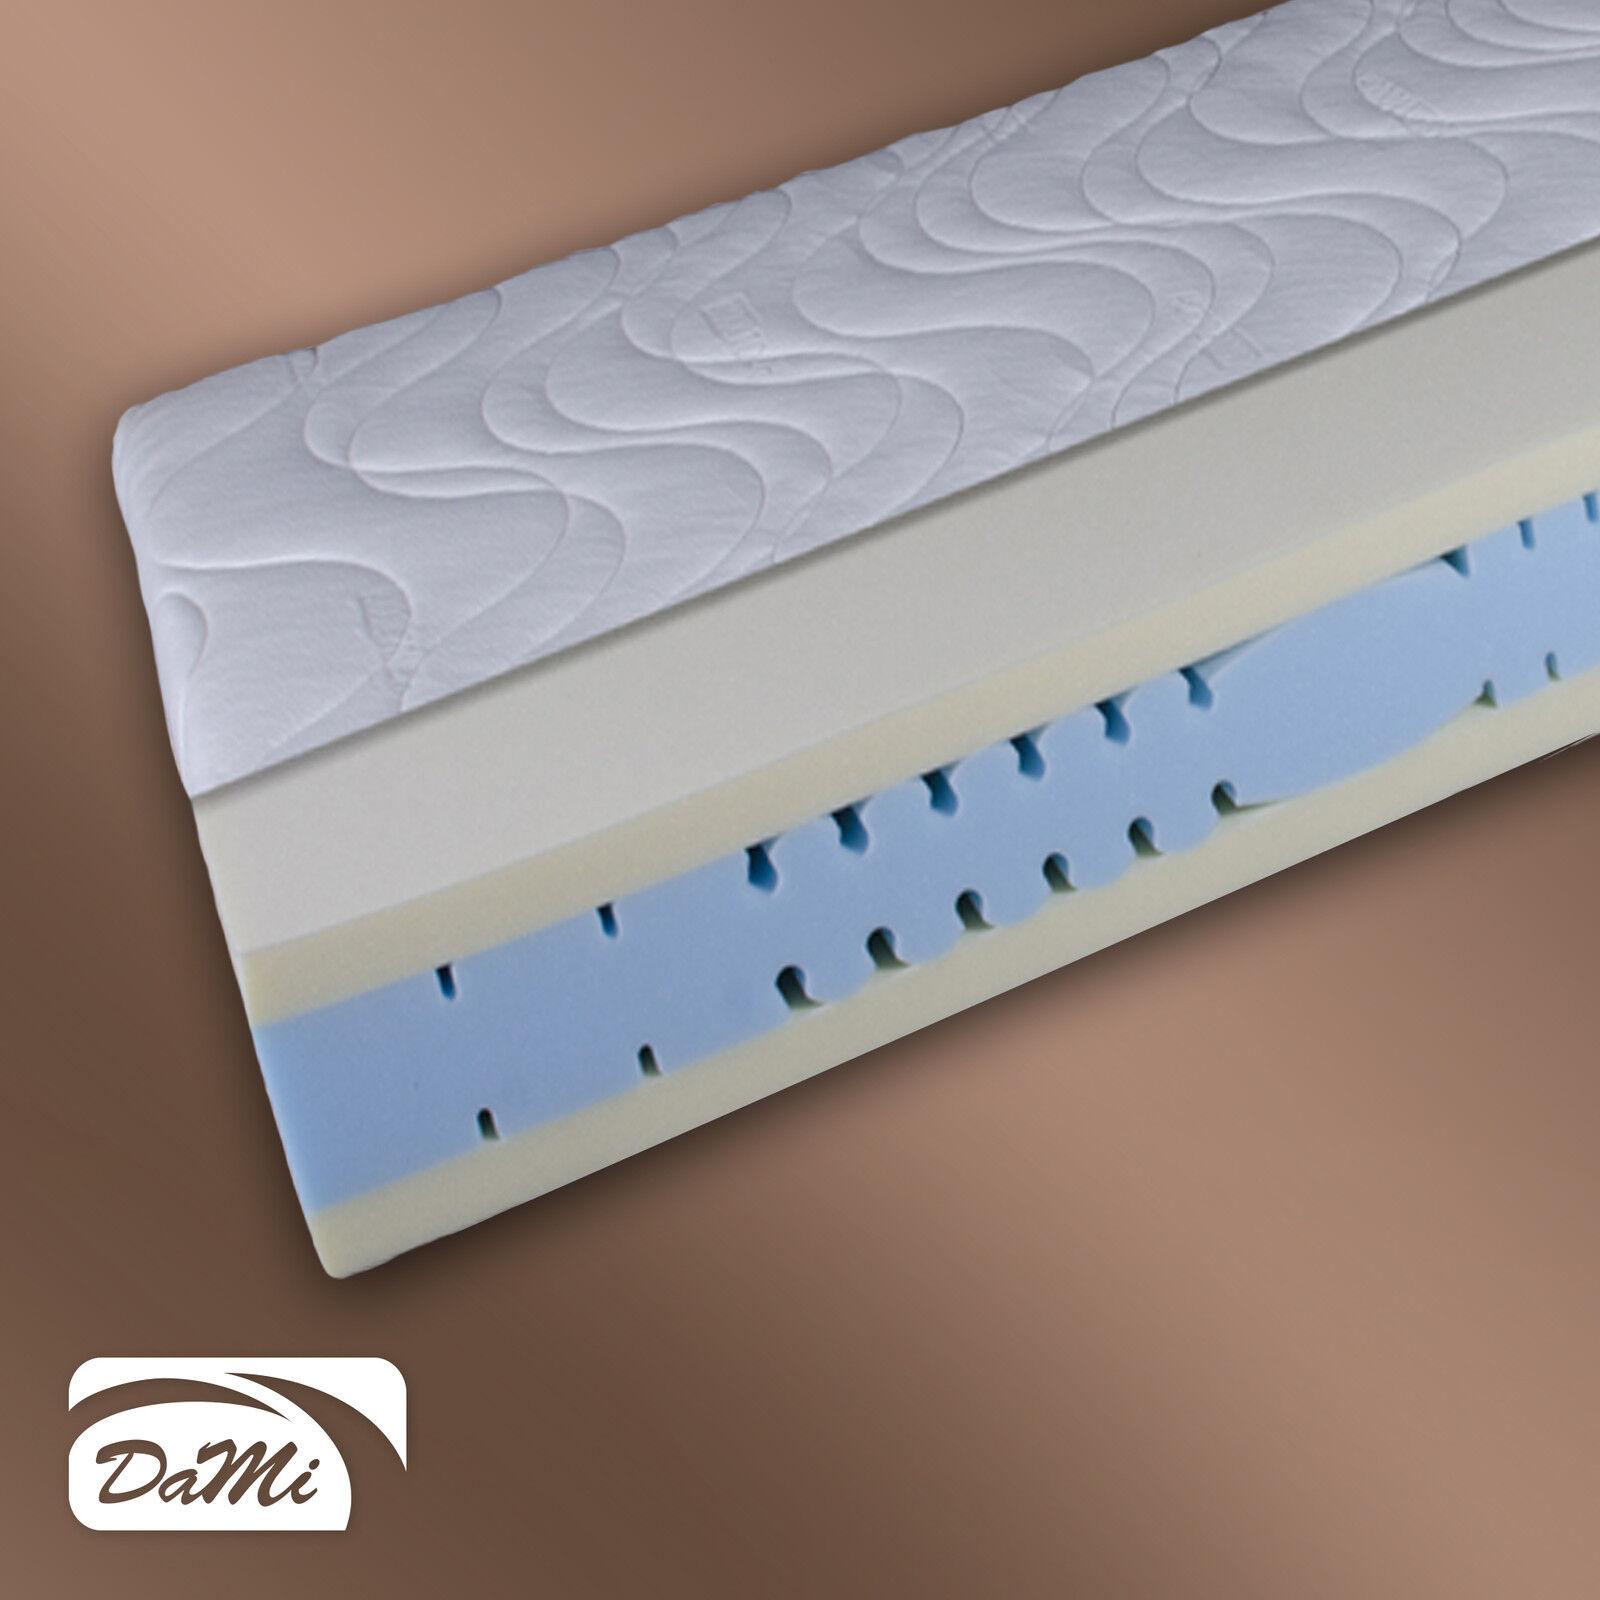 7 Zonen Visco Komfortschaum Matratze  DaMi Thermo Sensitiv   Gesamthöhe 20 cm